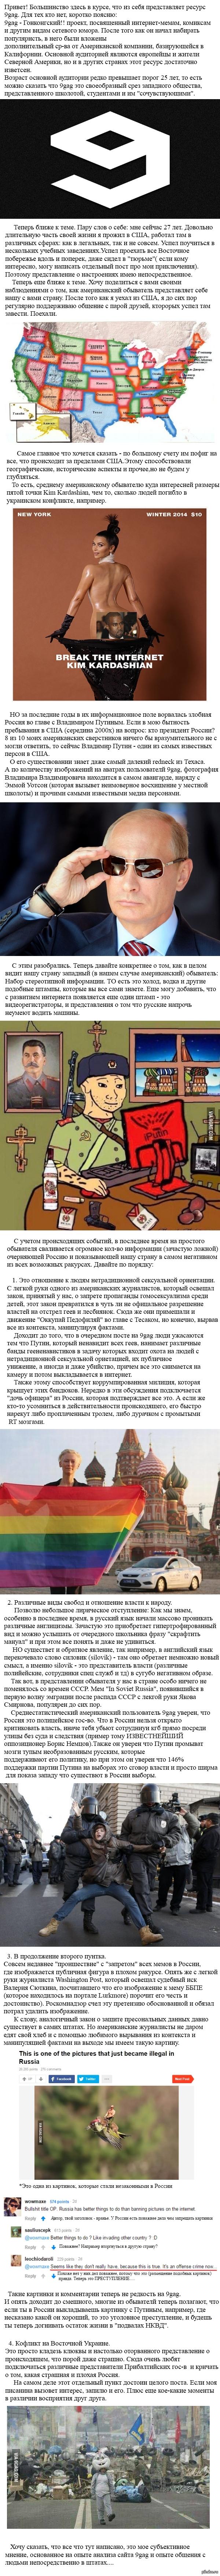 Некоторые представления западного обывателя о России на примере 9gag. Несмотря на то, что заголовок звучит как название какой-то курсовой работы, я думаю многим это будет интересно.